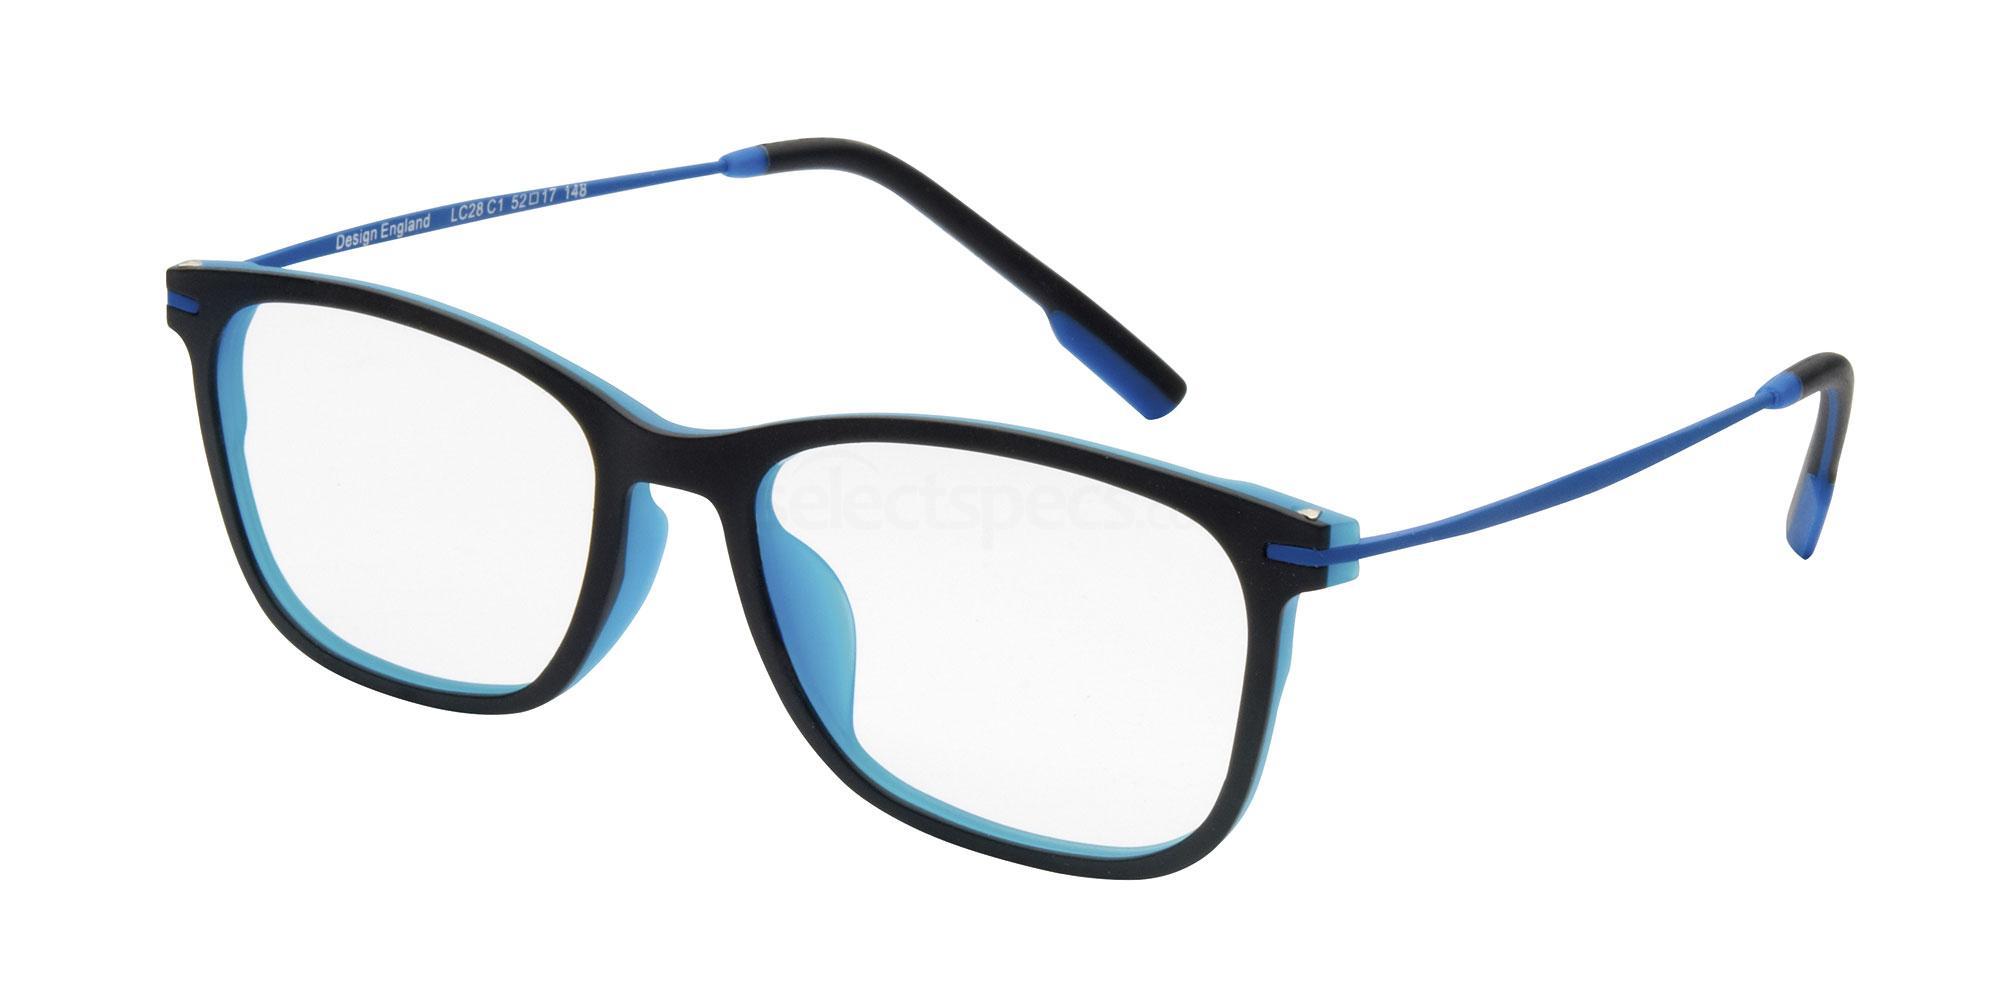 C1 LC28 Glasses, London Club